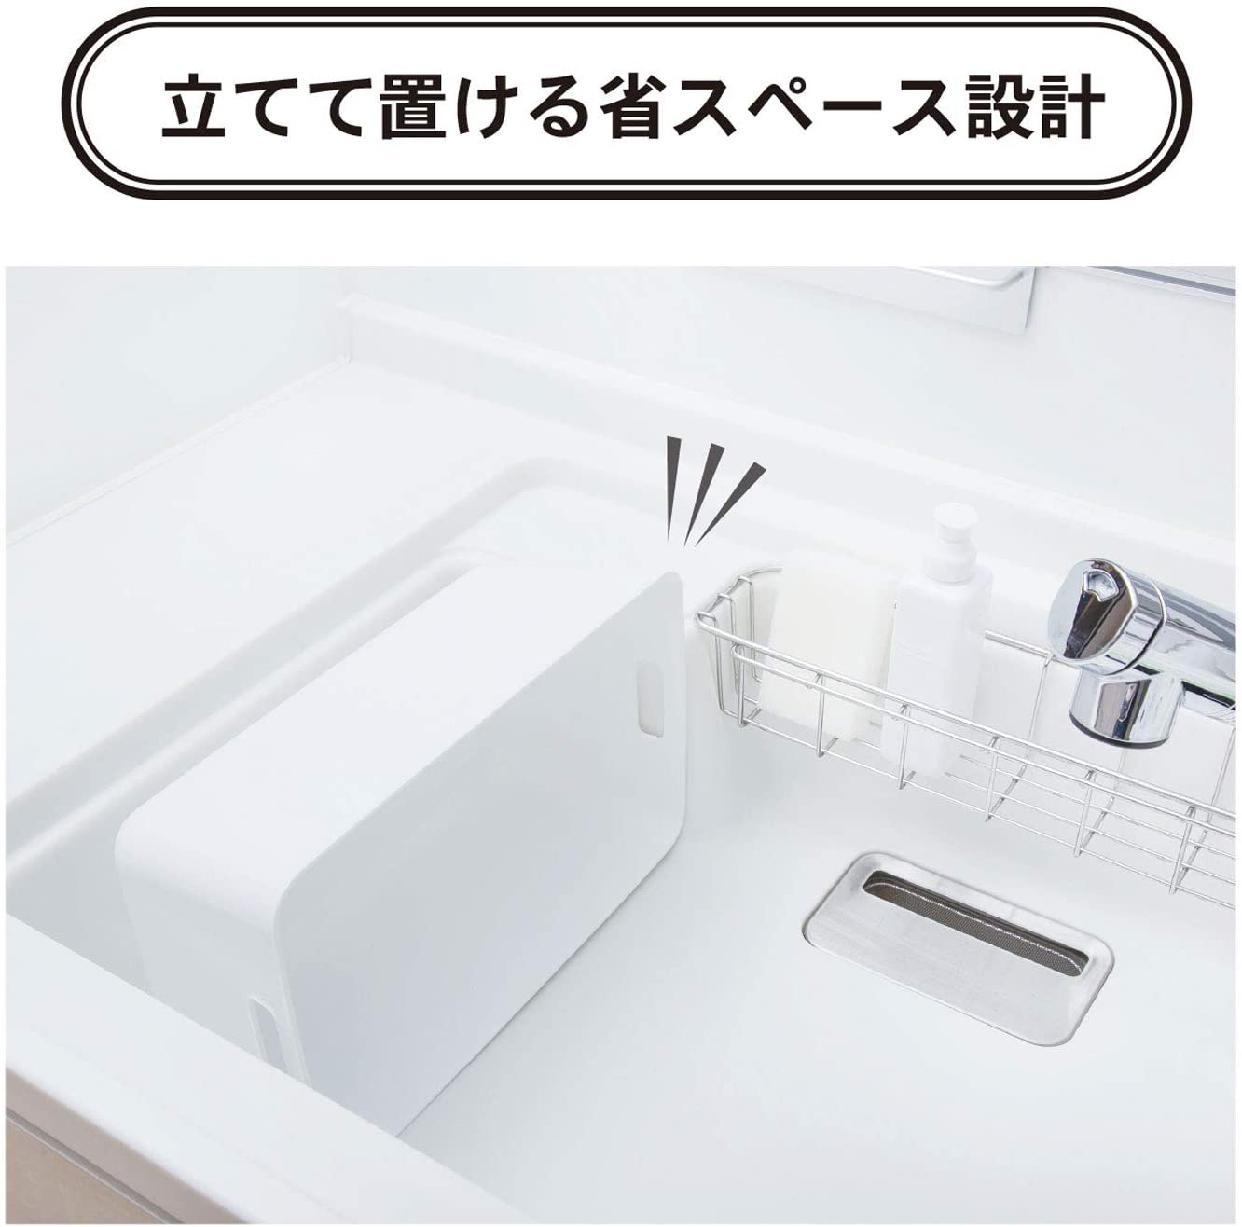 HAUS(ハウス) スタンドウォッシュタブ KK-391 ホワイトの商品画像3